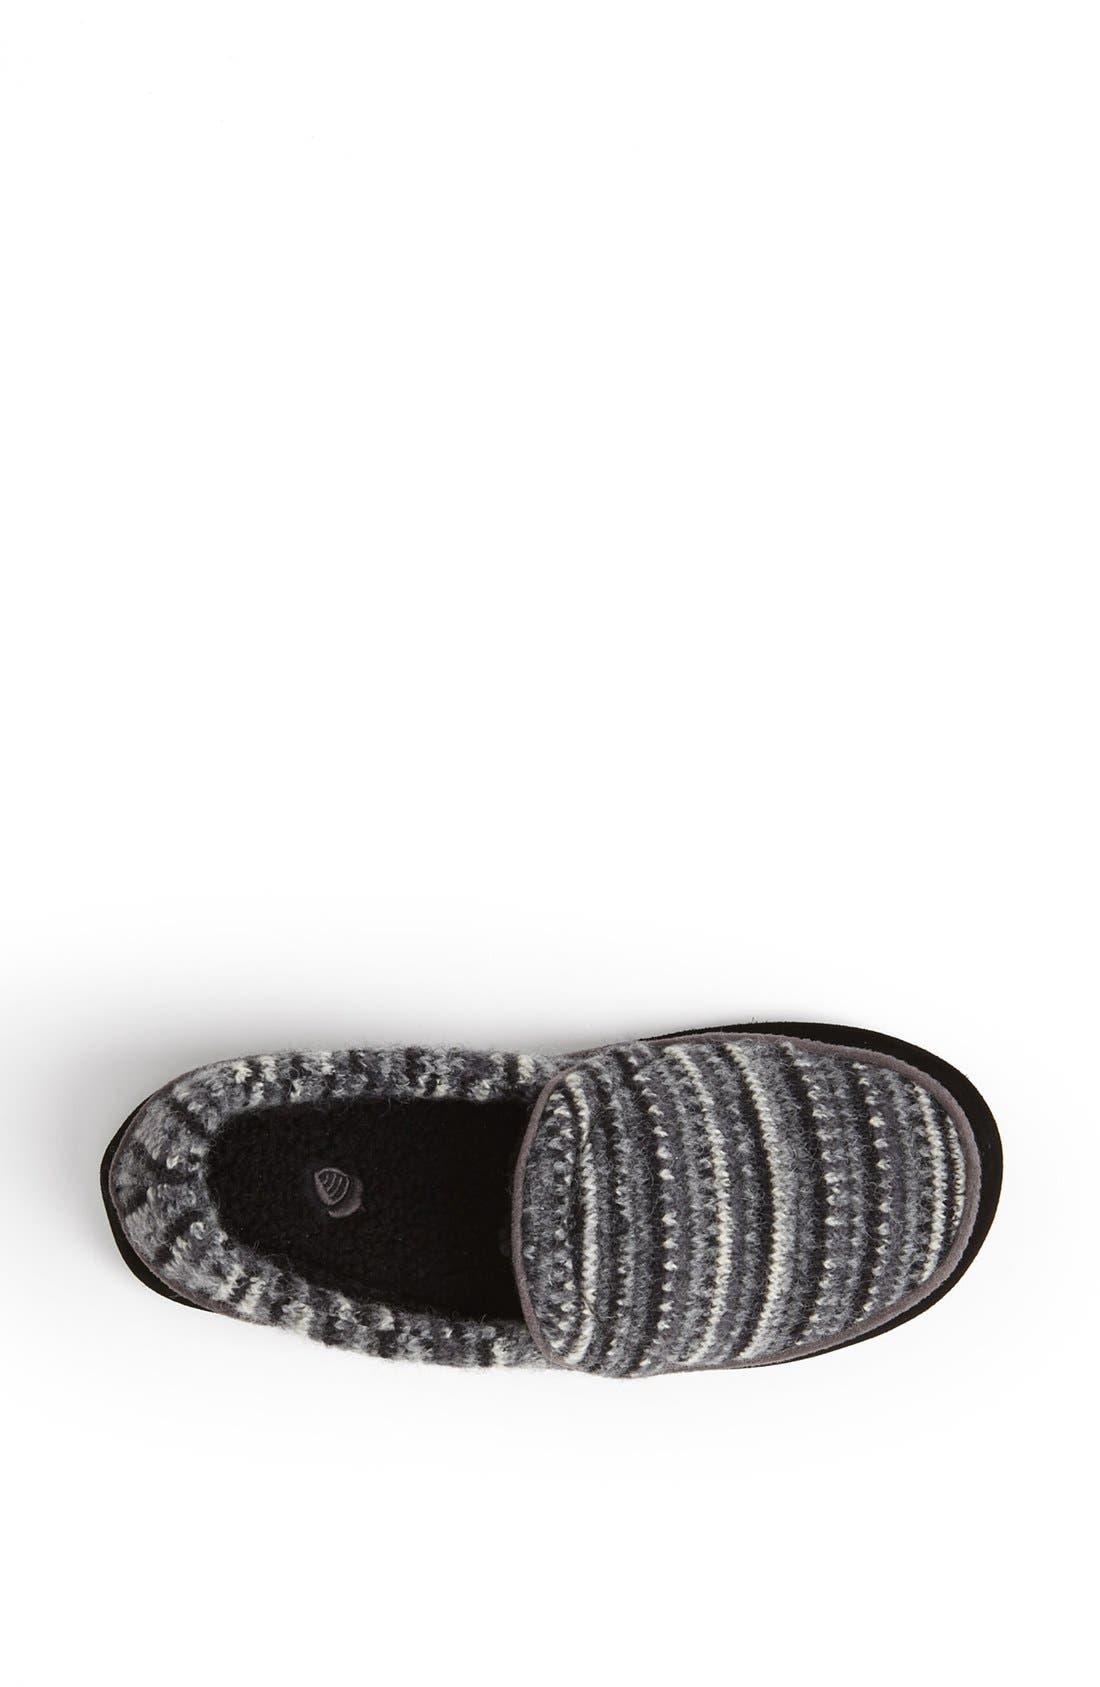 Alternate Image 3  - Acorn 'Giona' Slipper